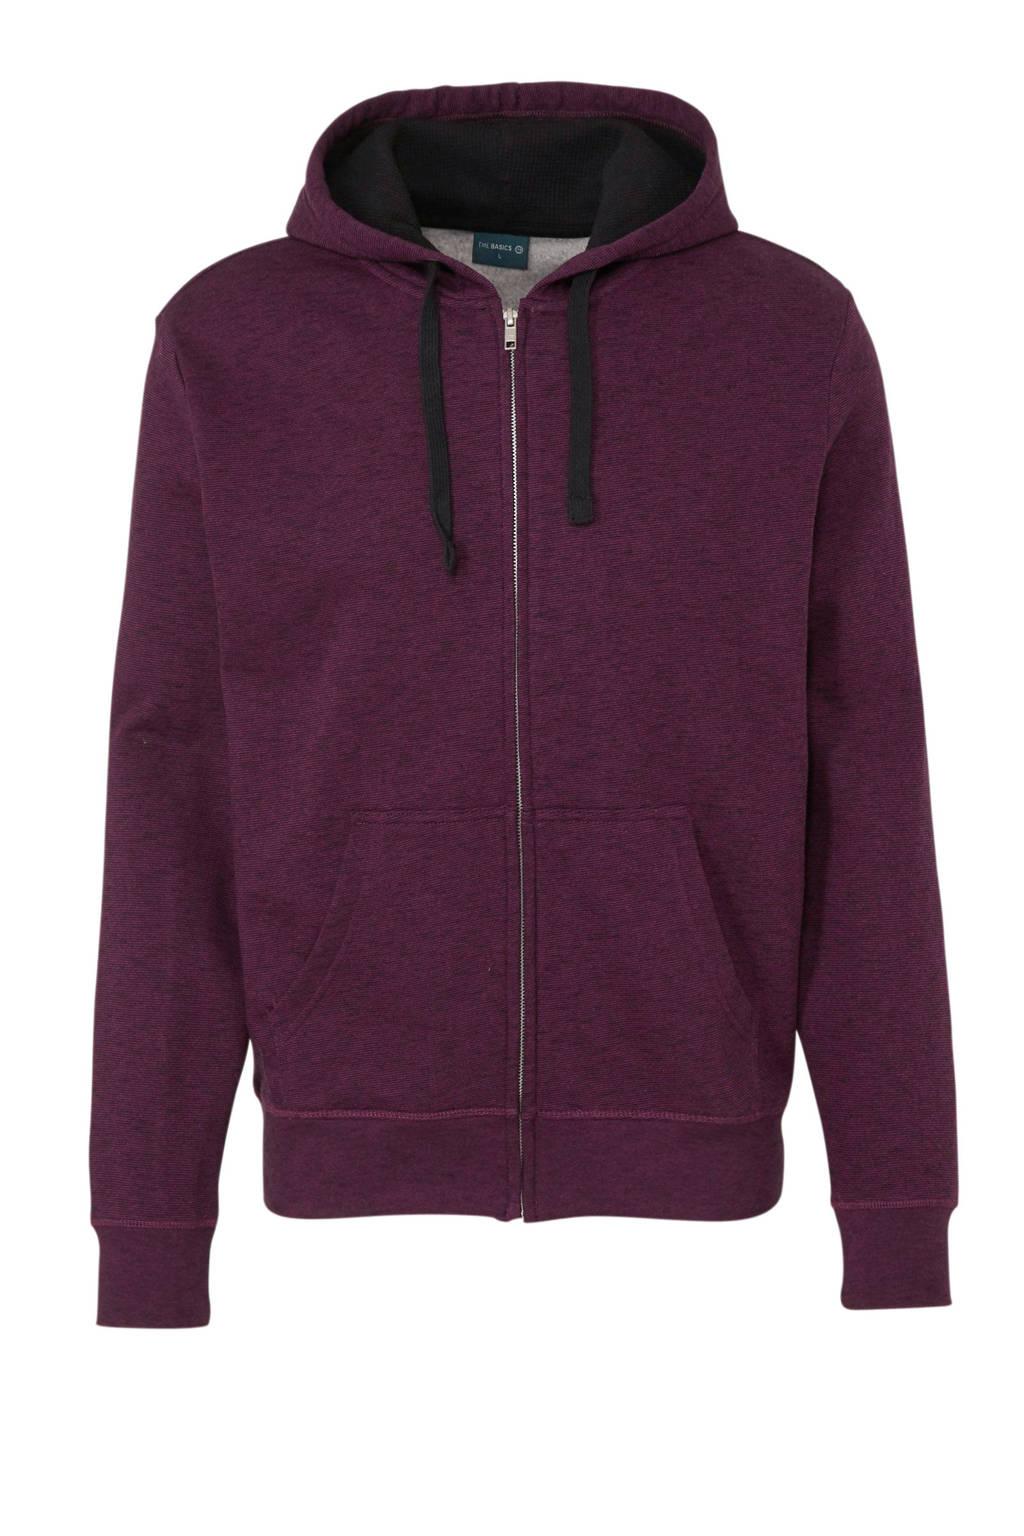 C&A Angelo Litrico gemêleerde hoodie donkerrood, Donkerrood